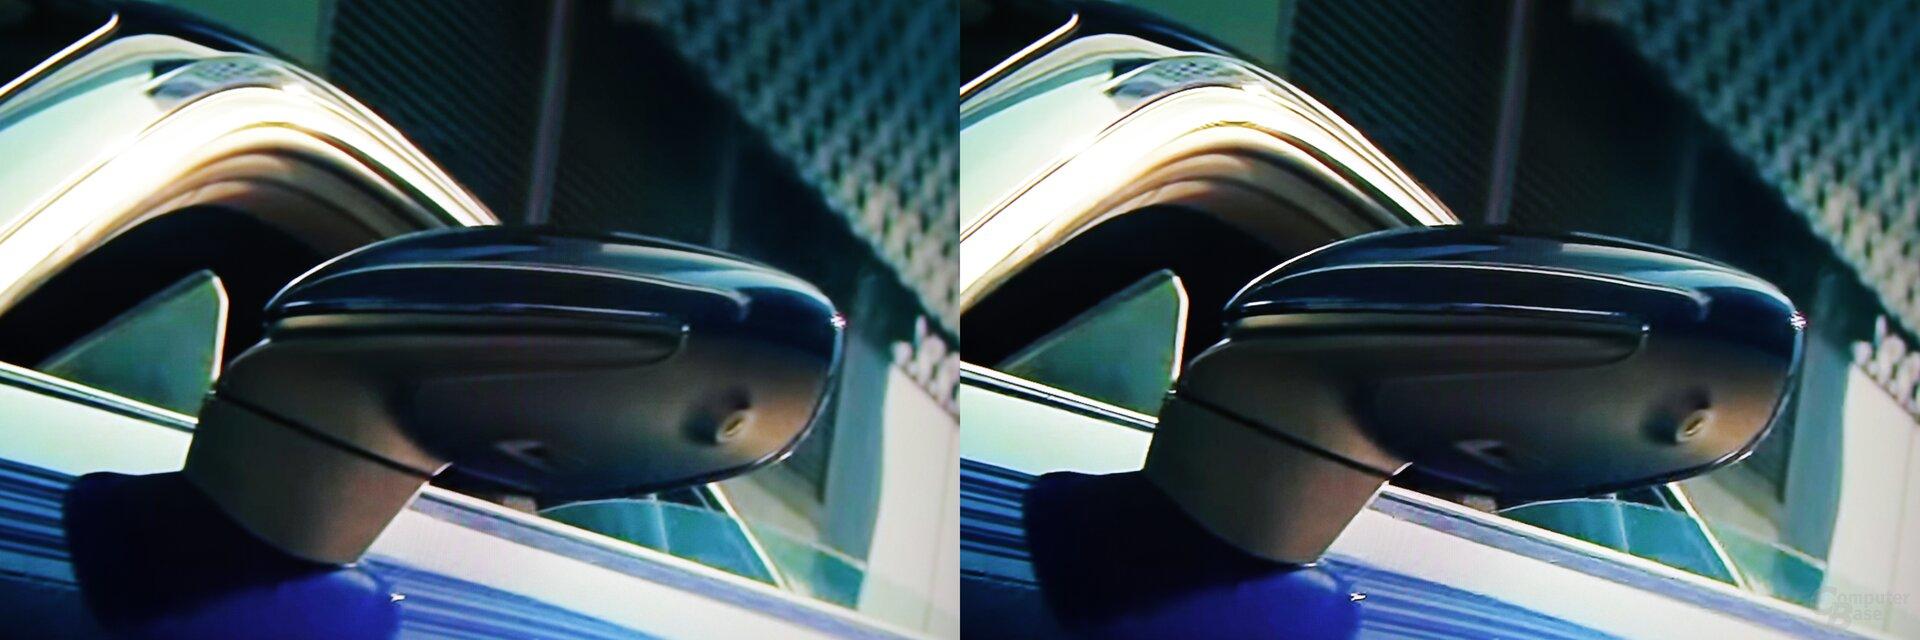 Szene aus Bad Boys for Life Trailer: links Standard, rechts KI-Upscaling